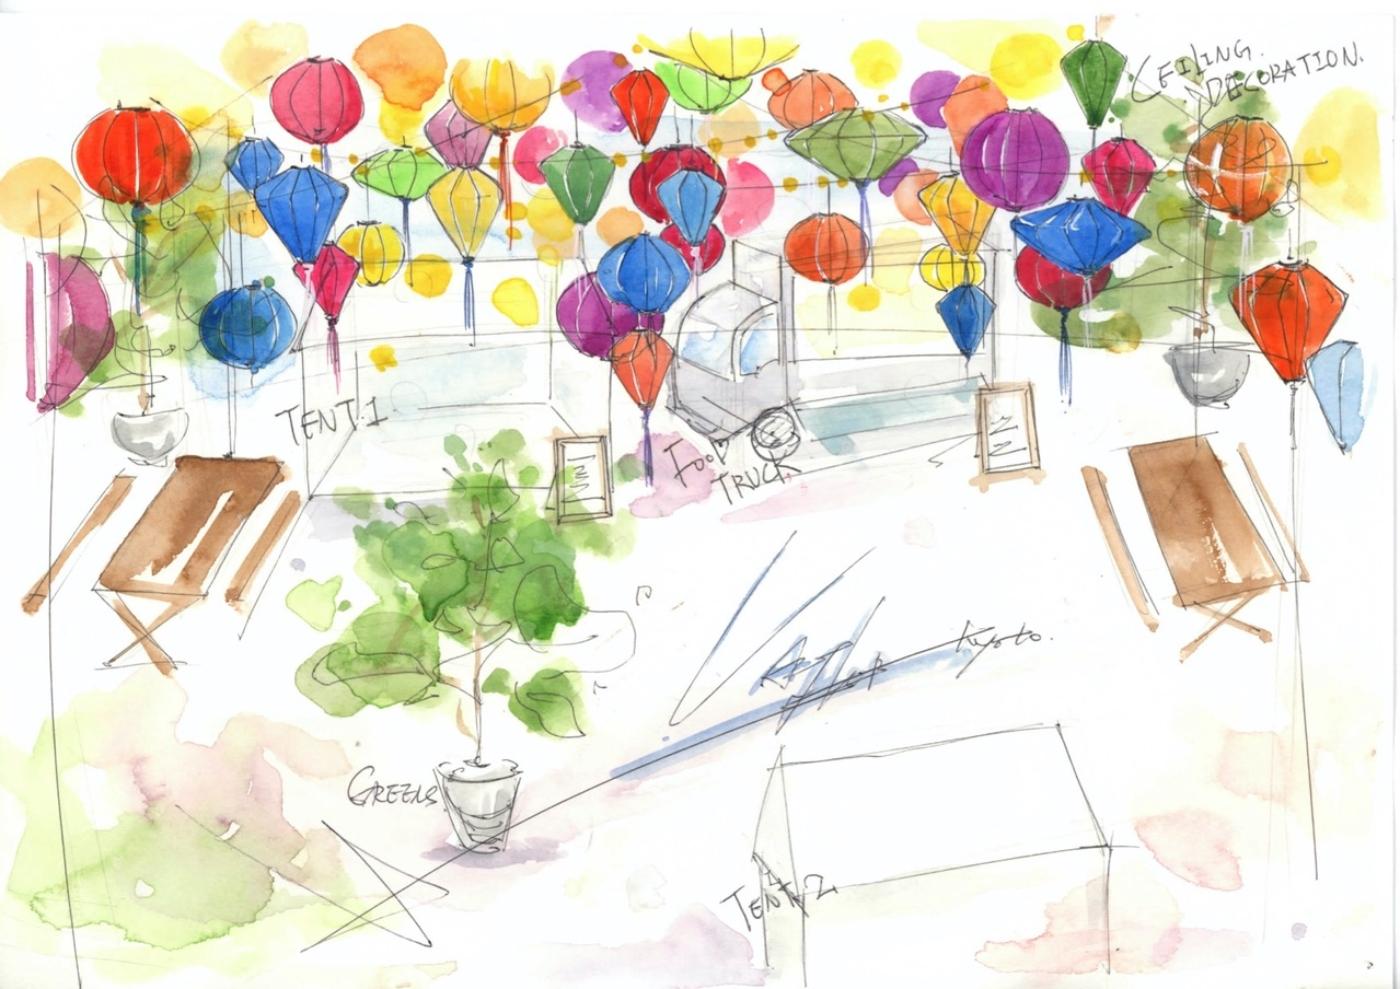 京都・四条河原町にて食の夏祭り!「GOOD NATURE OPEN FES~今年は色とりどりのランタンを楽しもう~」